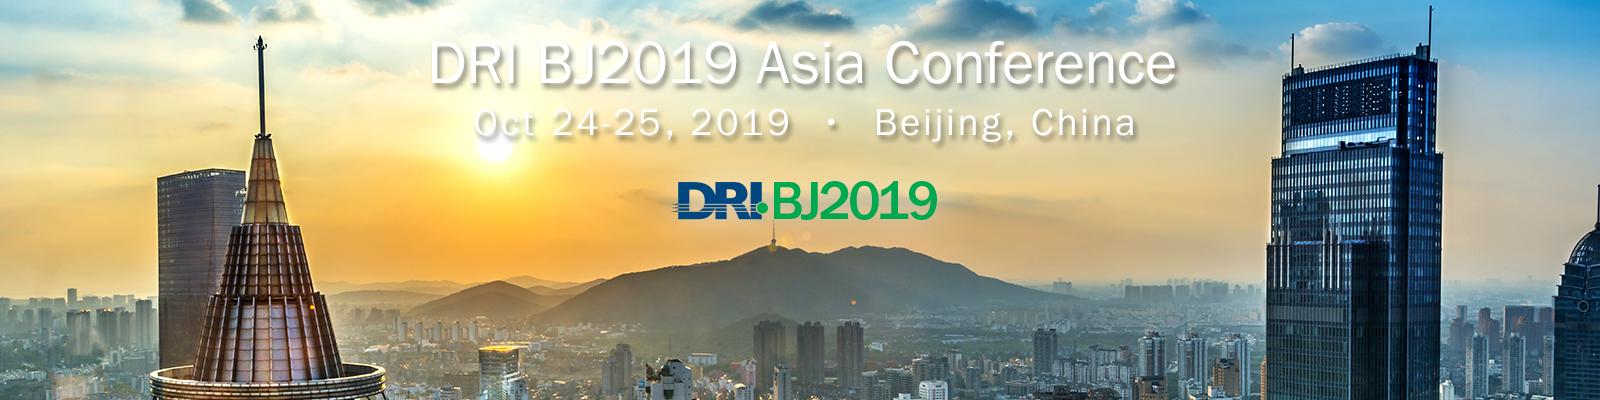 DRI BJ2019 Asia Conference